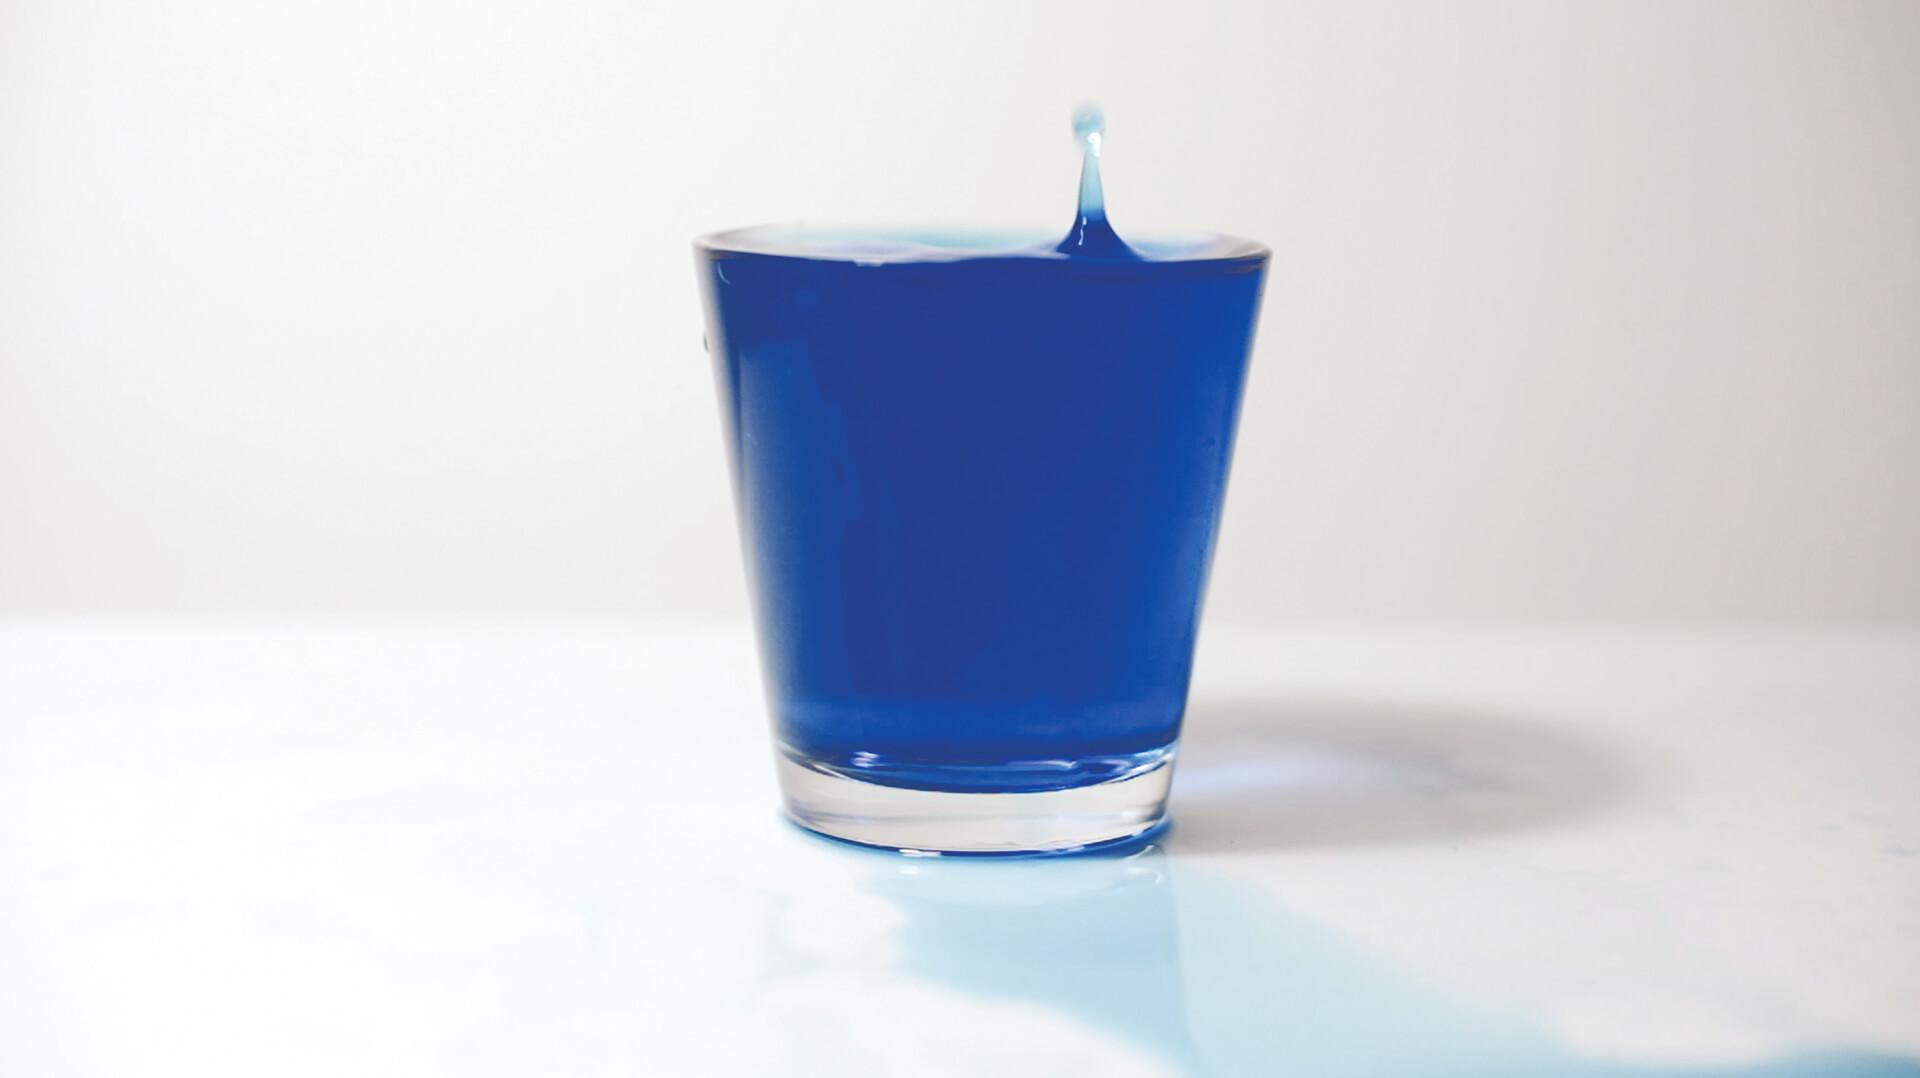 """Anna Raimondo, Mediterranio, vidéo dans laquelle une verre d'eau bleu se rempli goutte à goutte alors que l'artiste énumère en boucle le mot """"Méditerranée"""""""